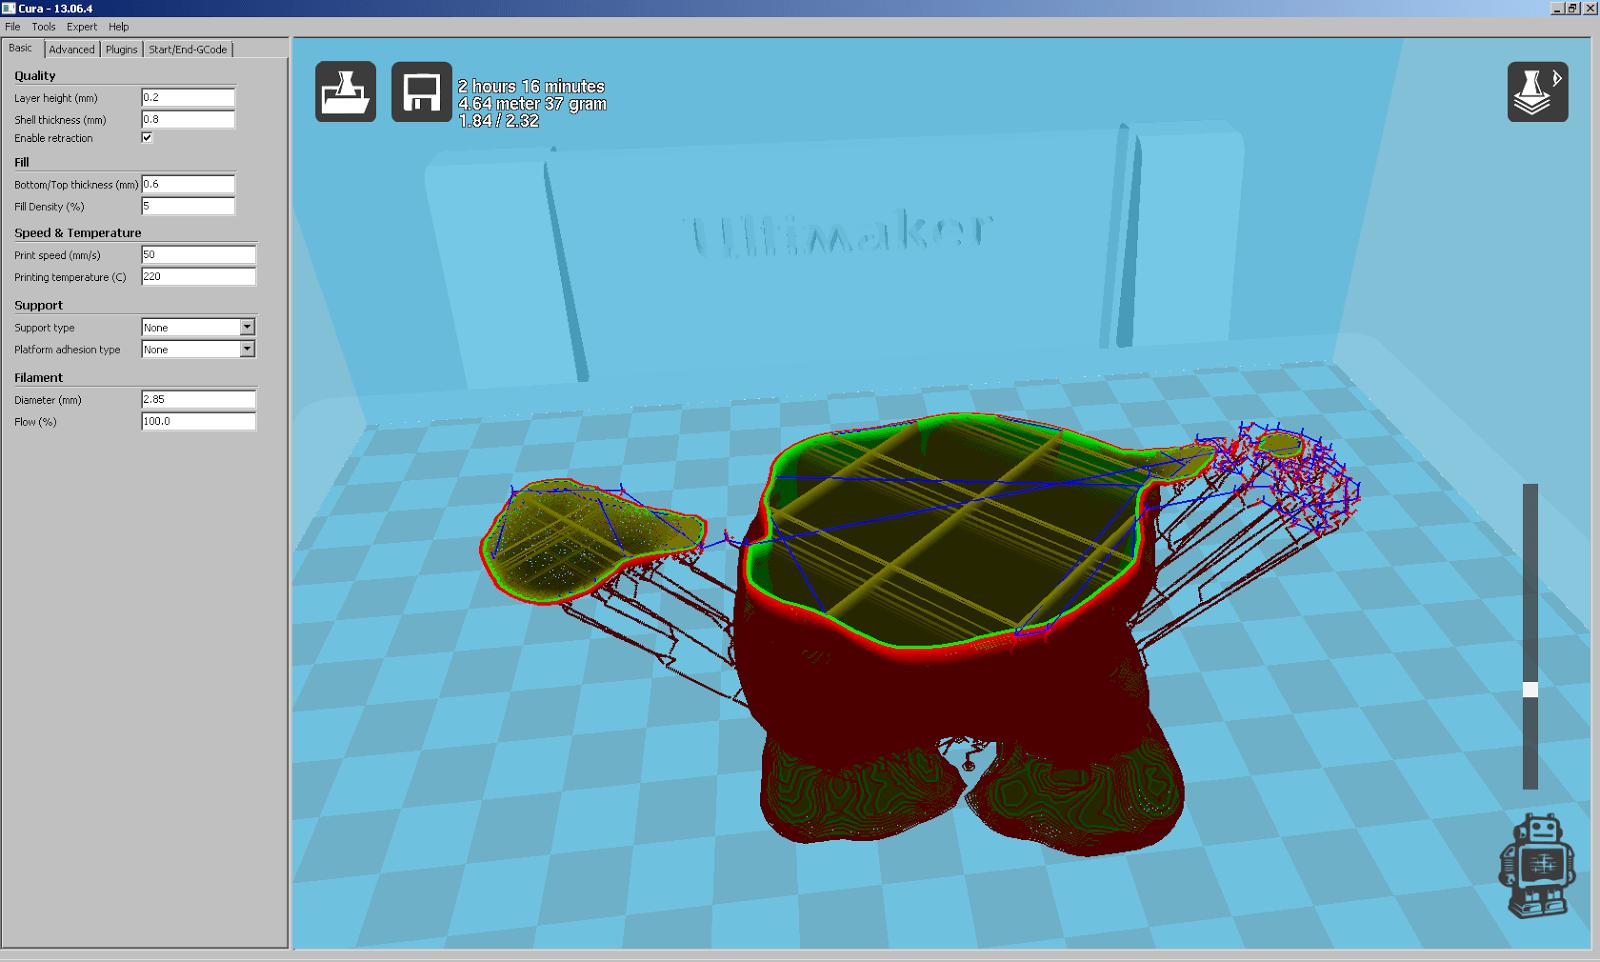 Screenshot aus Cura beim Slicen des Güggels mit Mesmixer Support